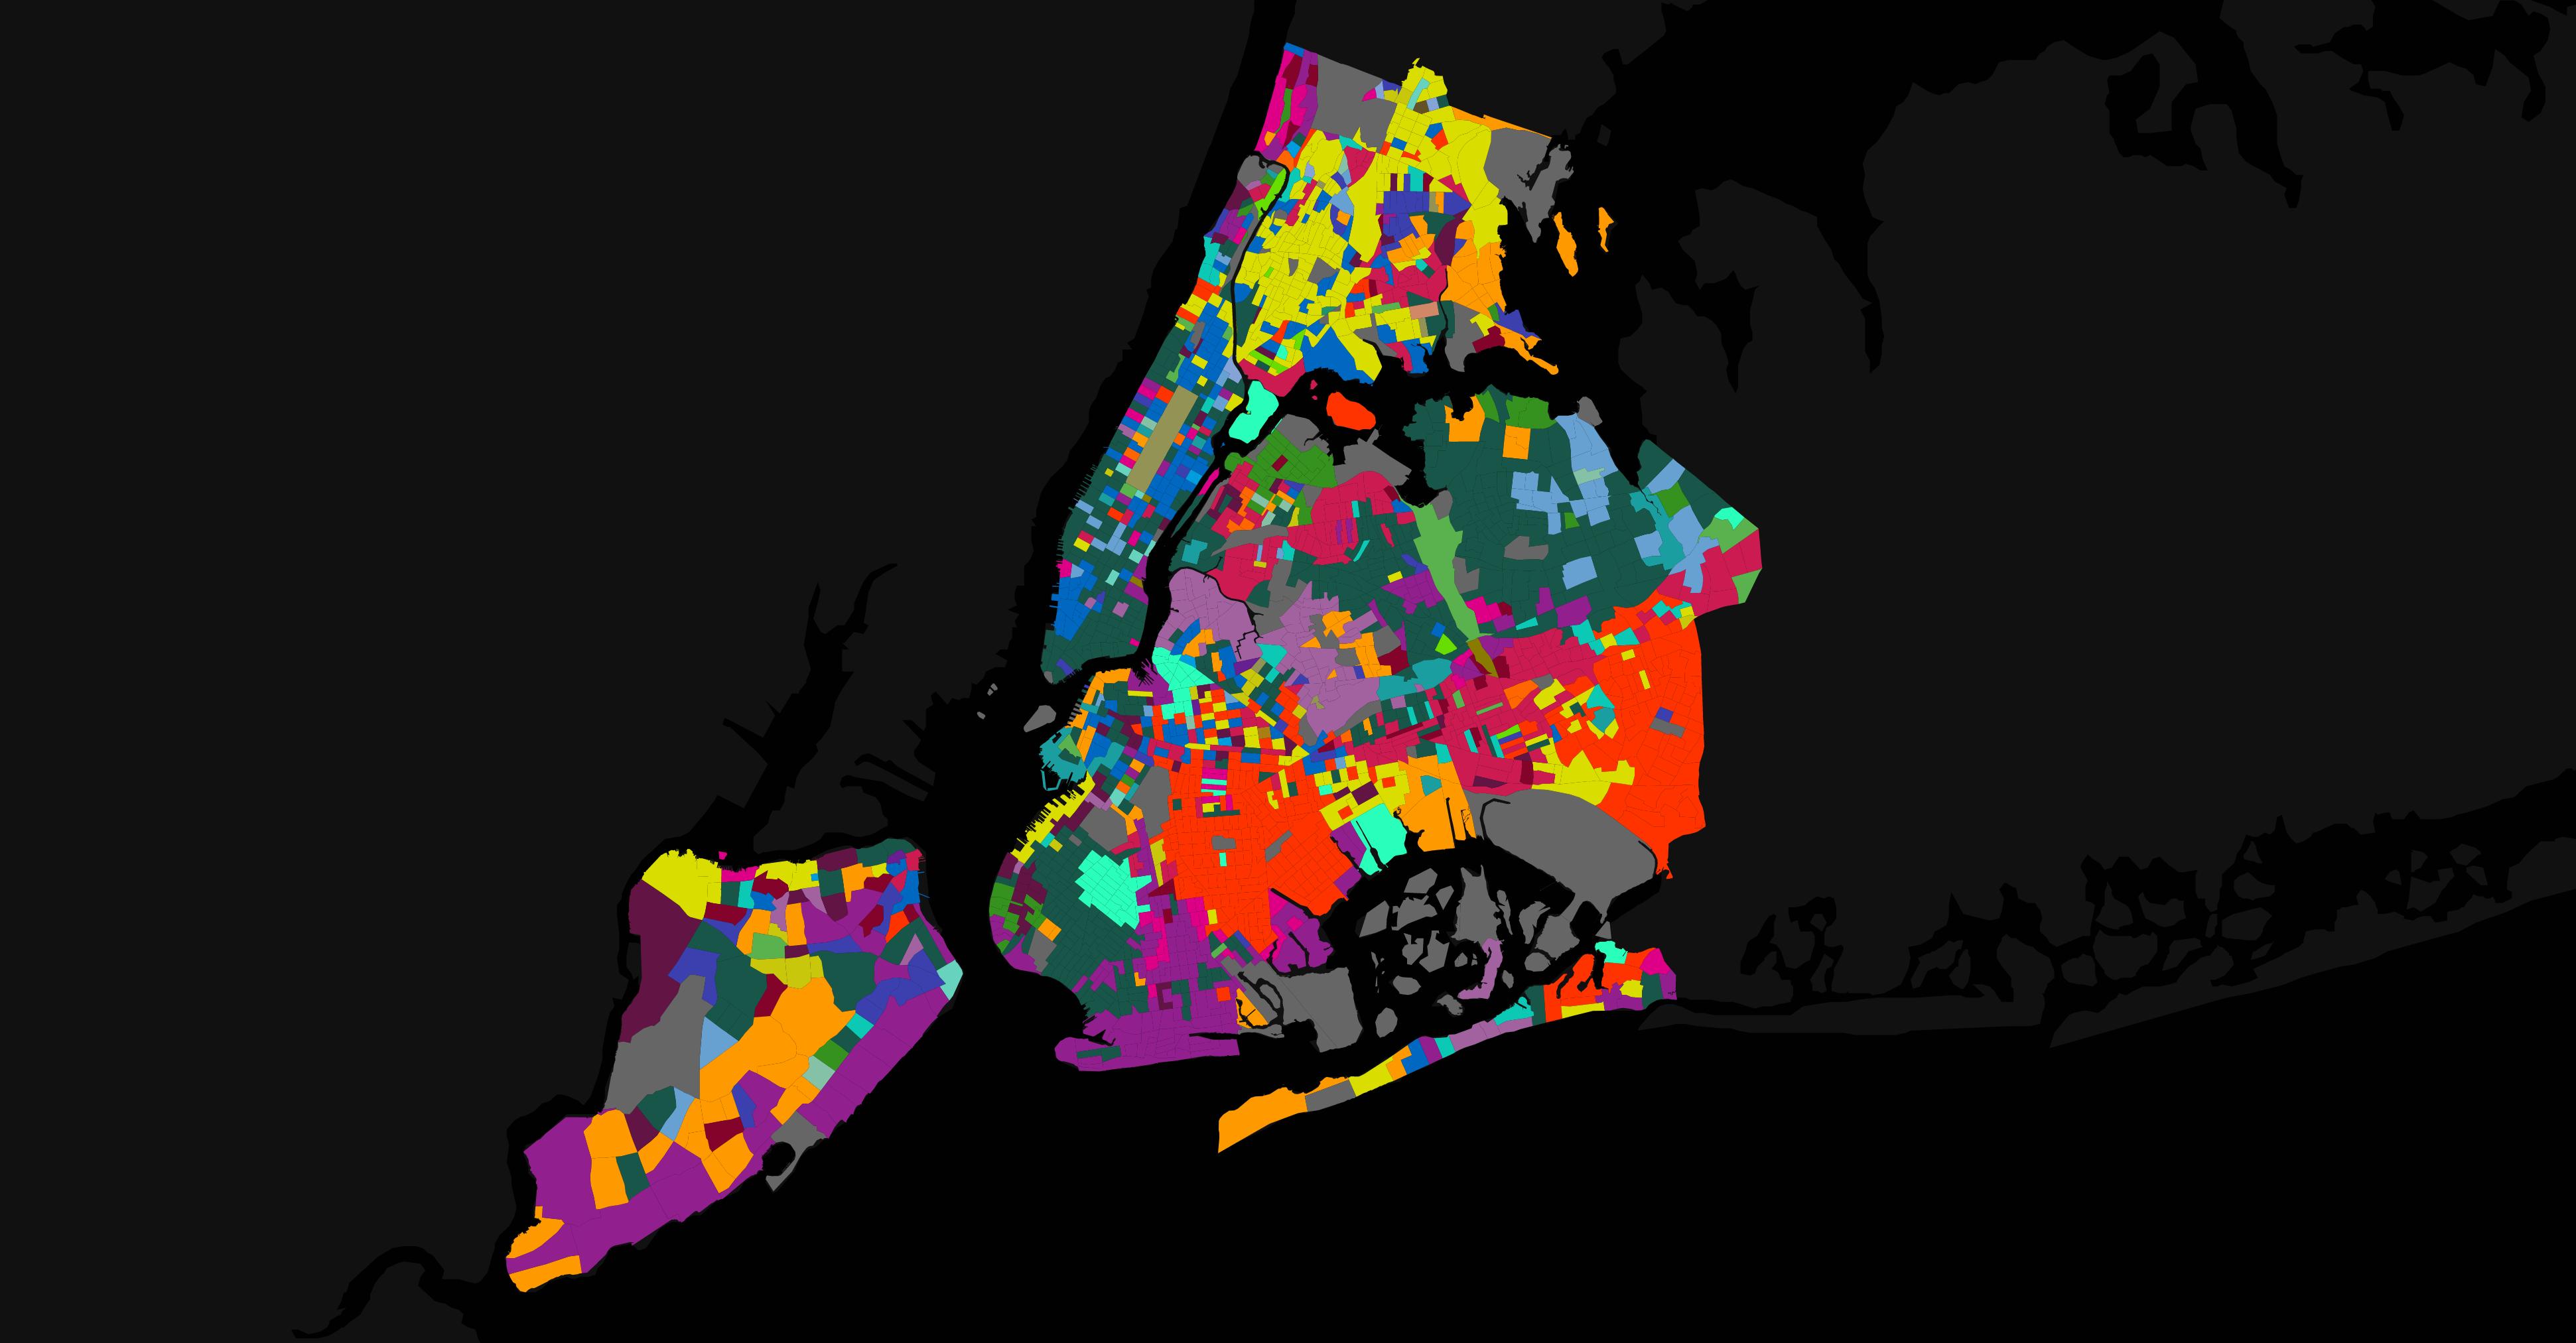 Mapa que descreve os idiomas falados em Nova York.